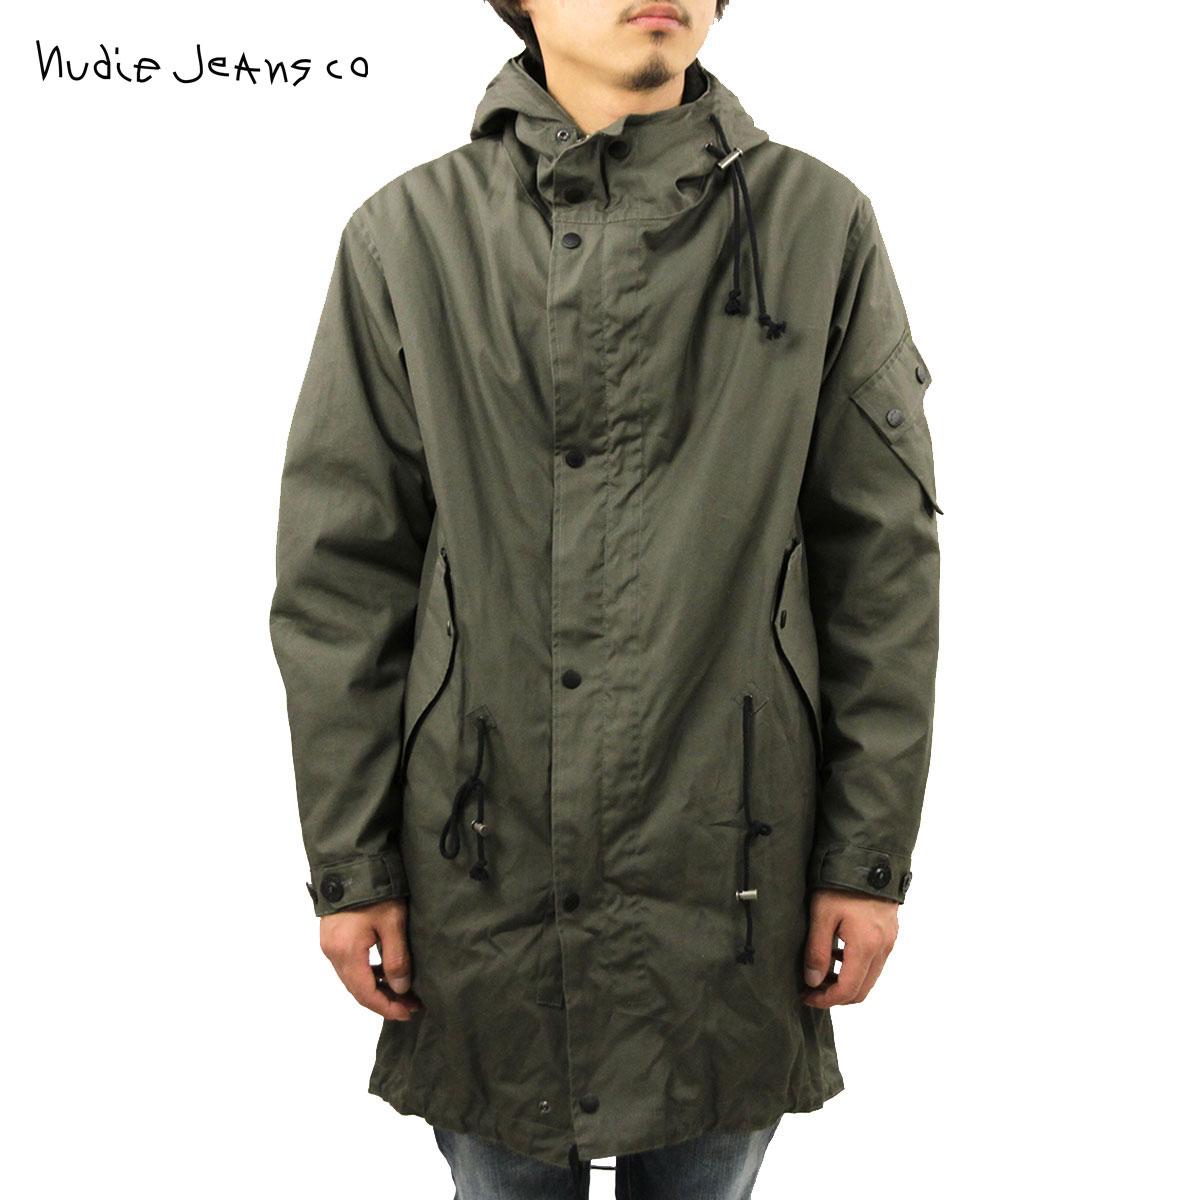 ヌーディージーンズ Nudie Jeans 正規販売店 メンズ アウターコート Karl B86 Bunker 160457 D00S20